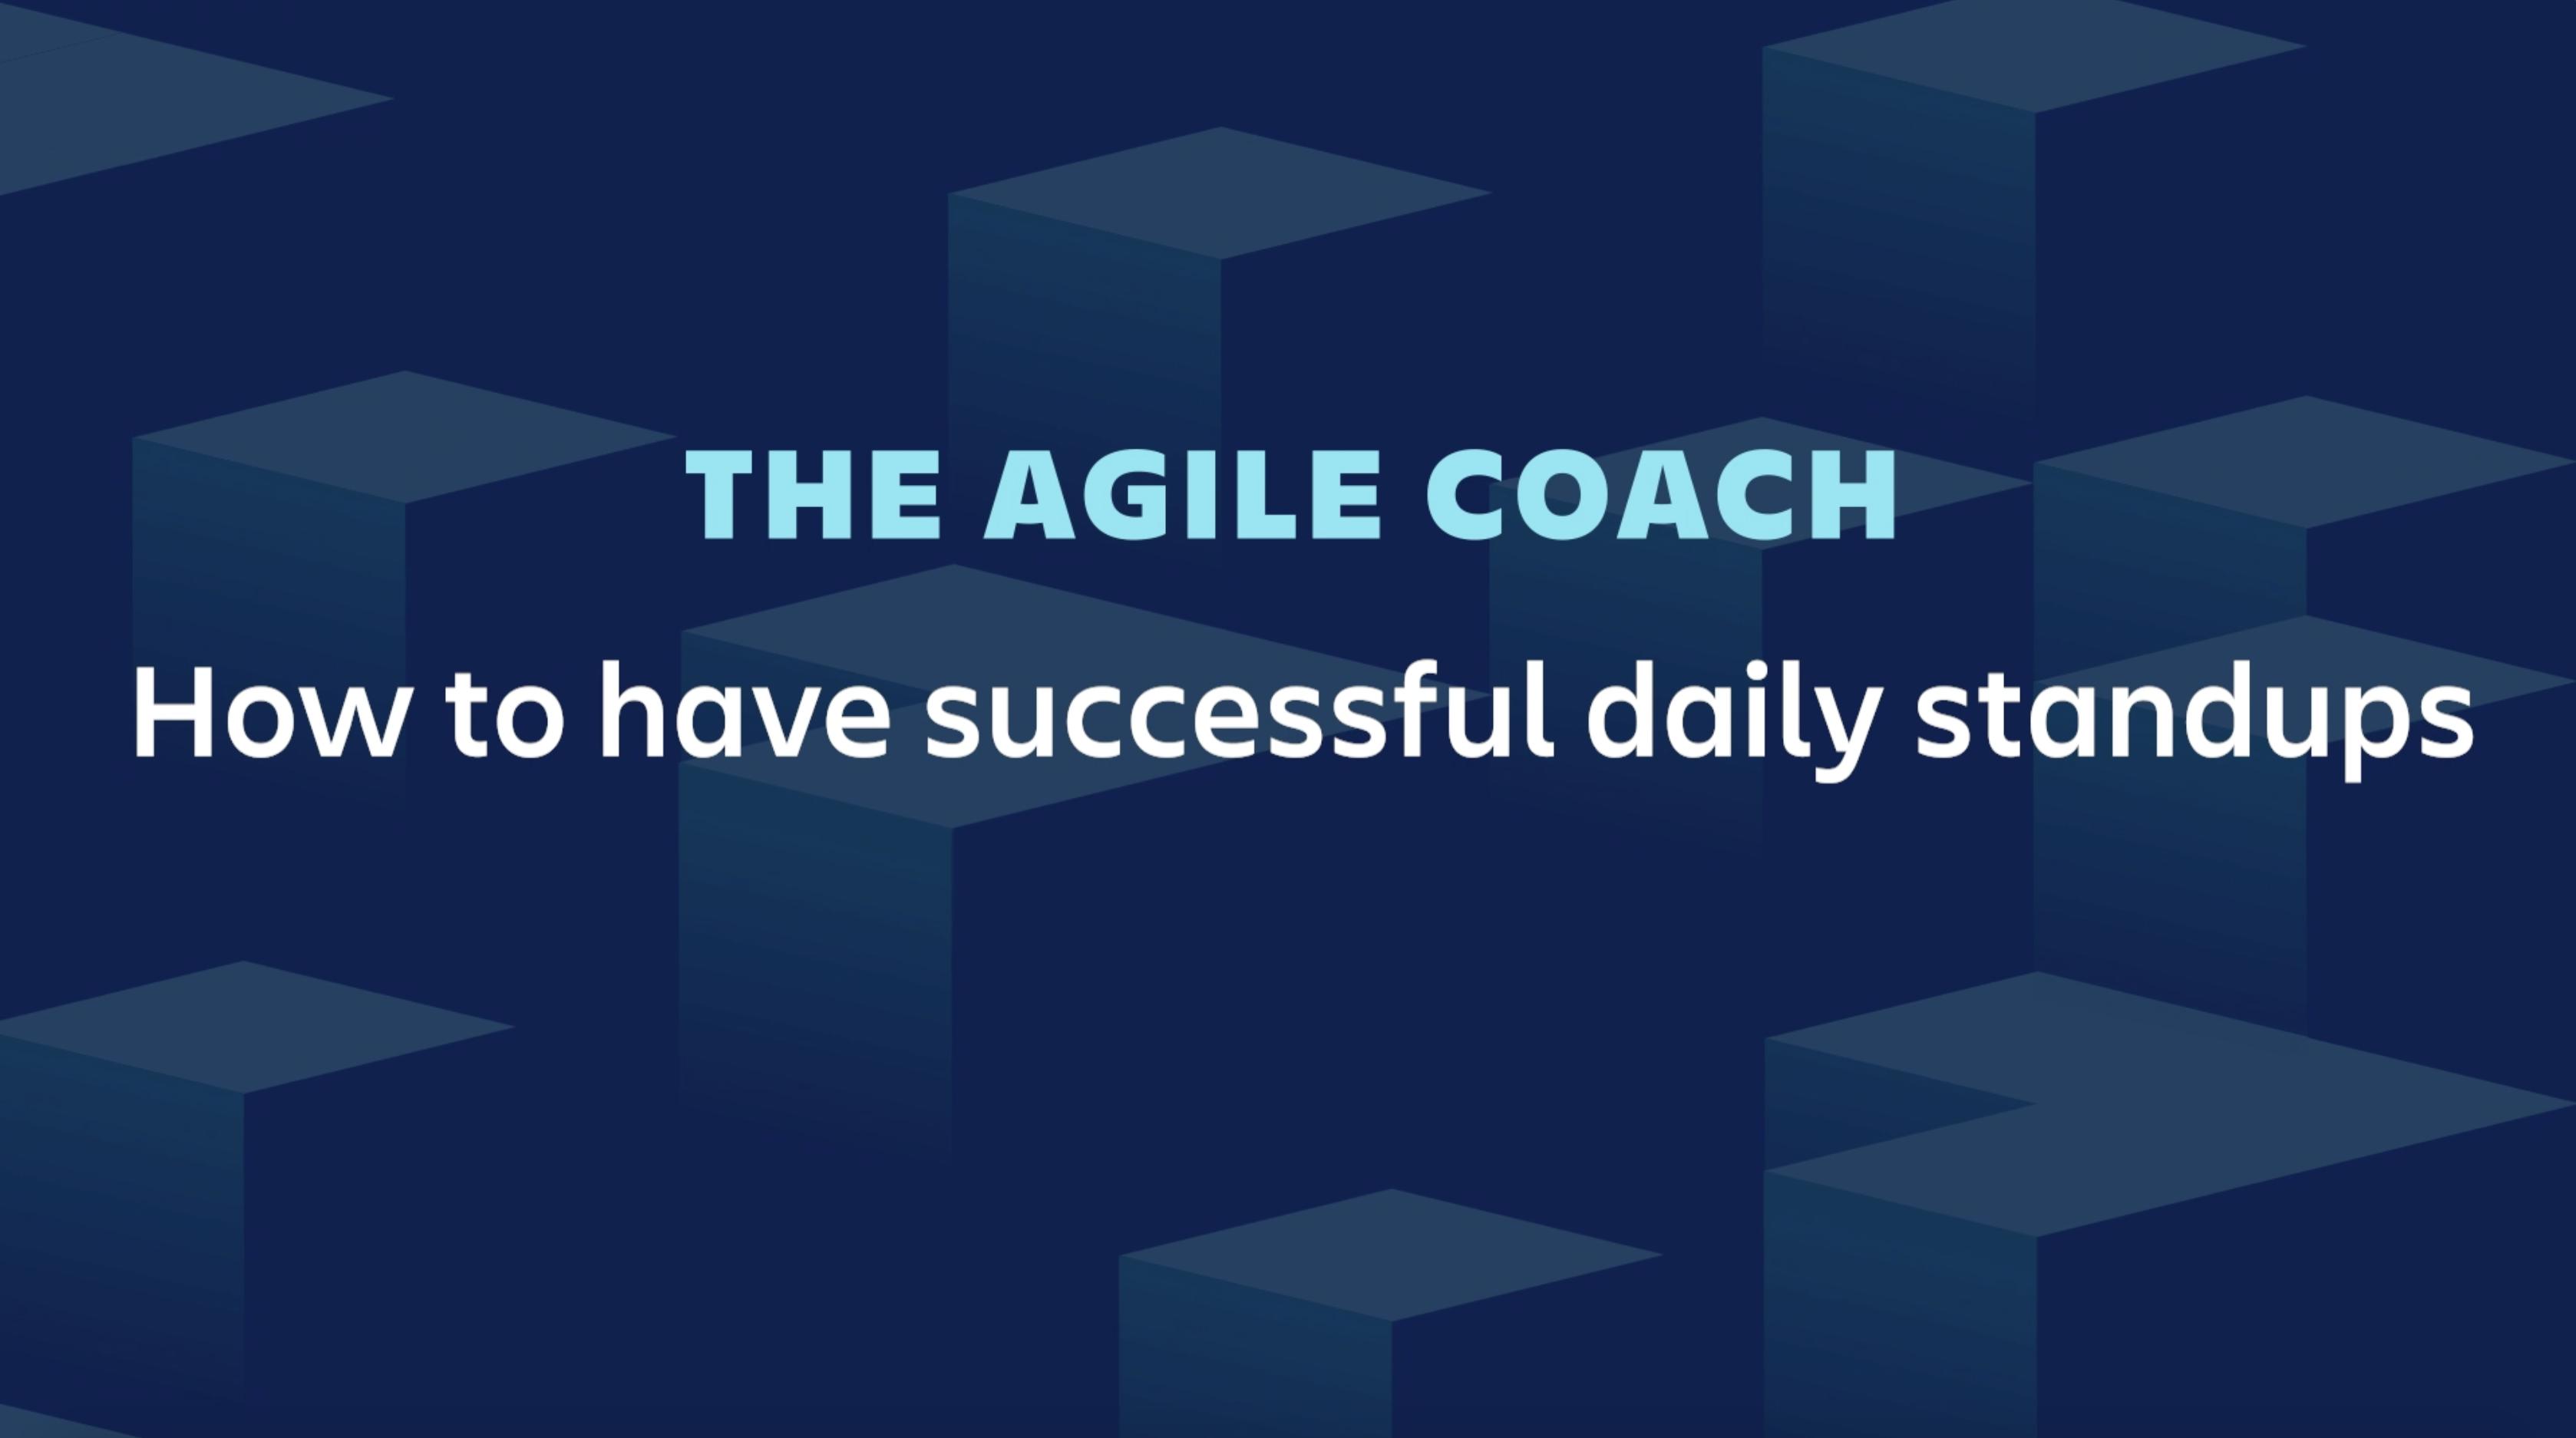 Agile Coach Sydney agile daily standup